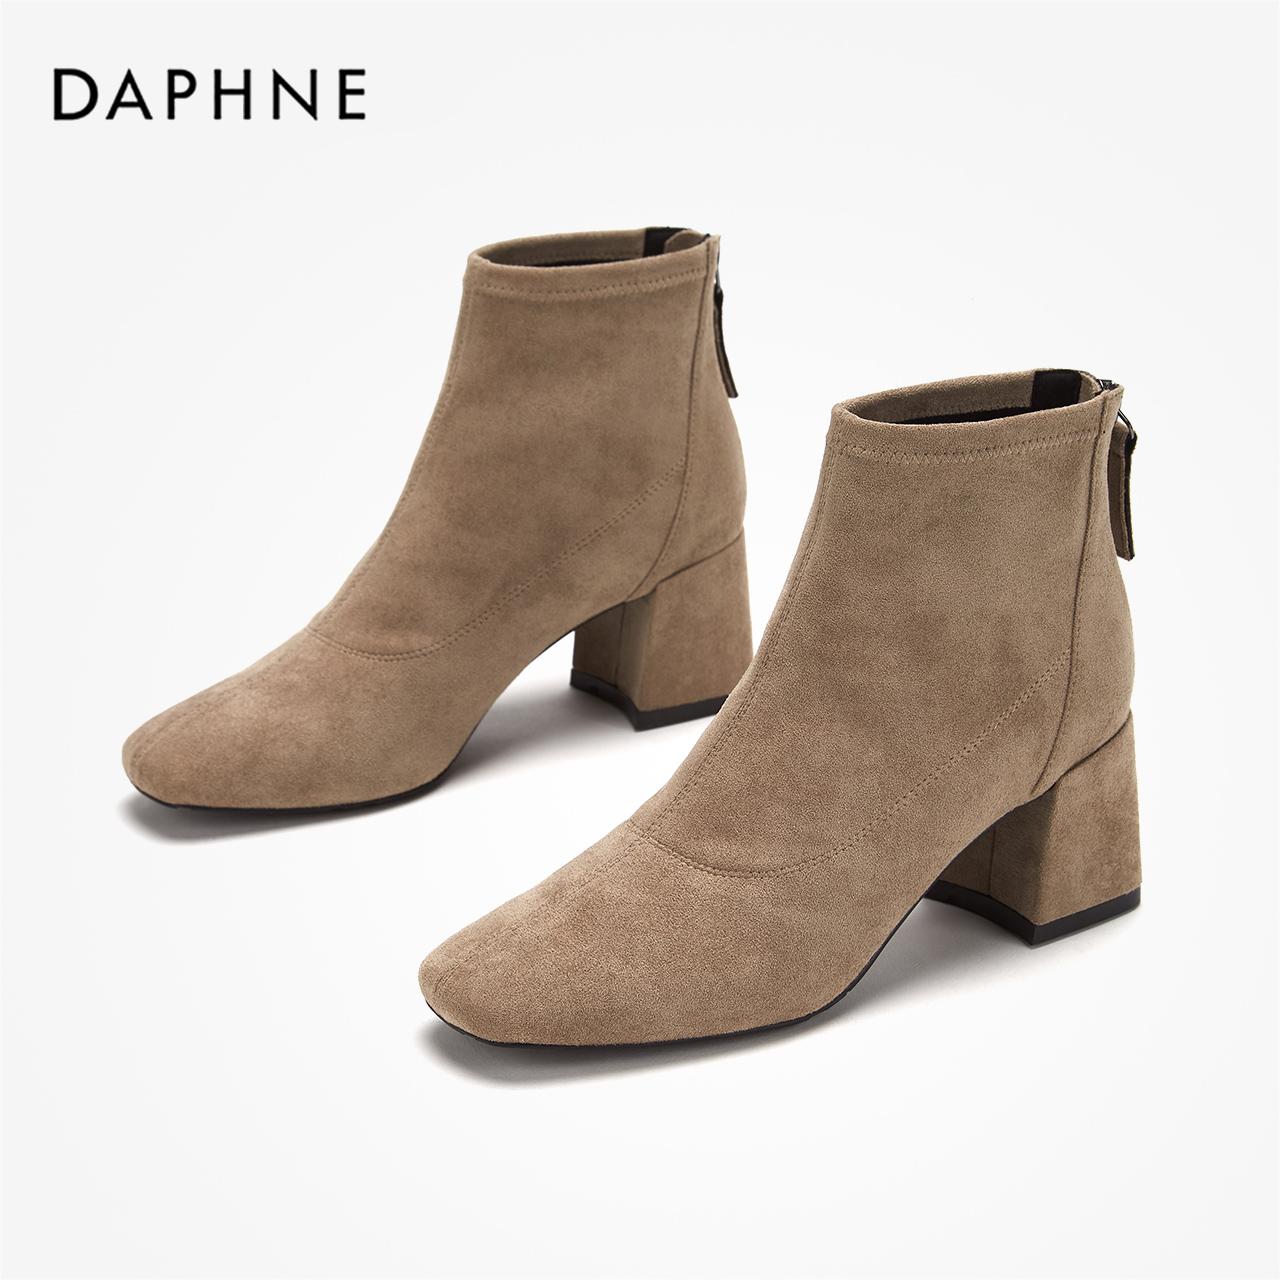 冬新款中跟通勤简约方头绒面后拉链粗跟弹力靴女鞋 2019 达芙妮短靴